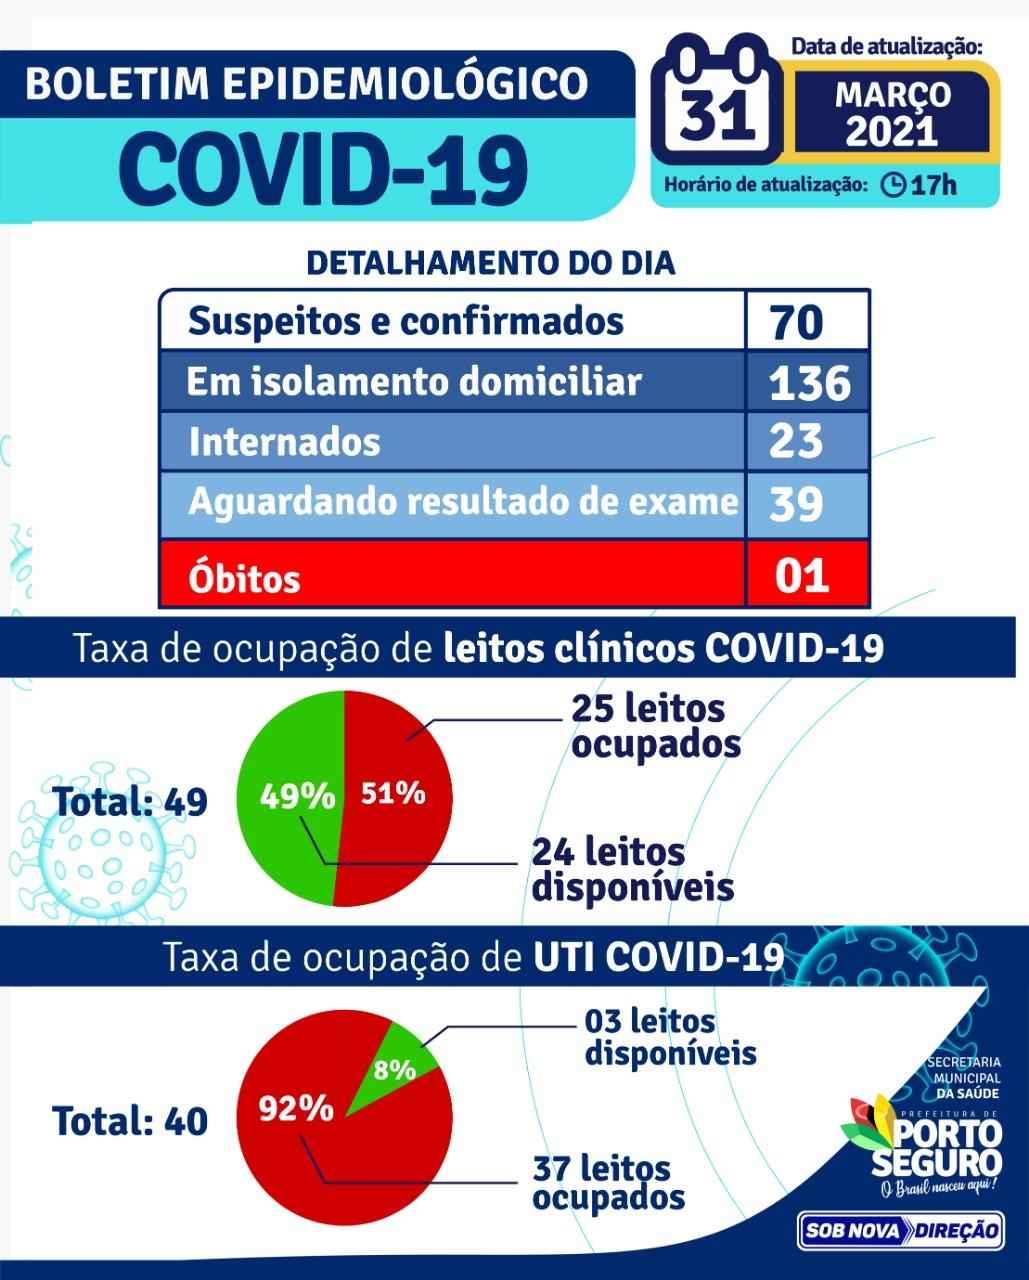 PORTO SEGURO: Boletim Epidemiológico 31/3 22